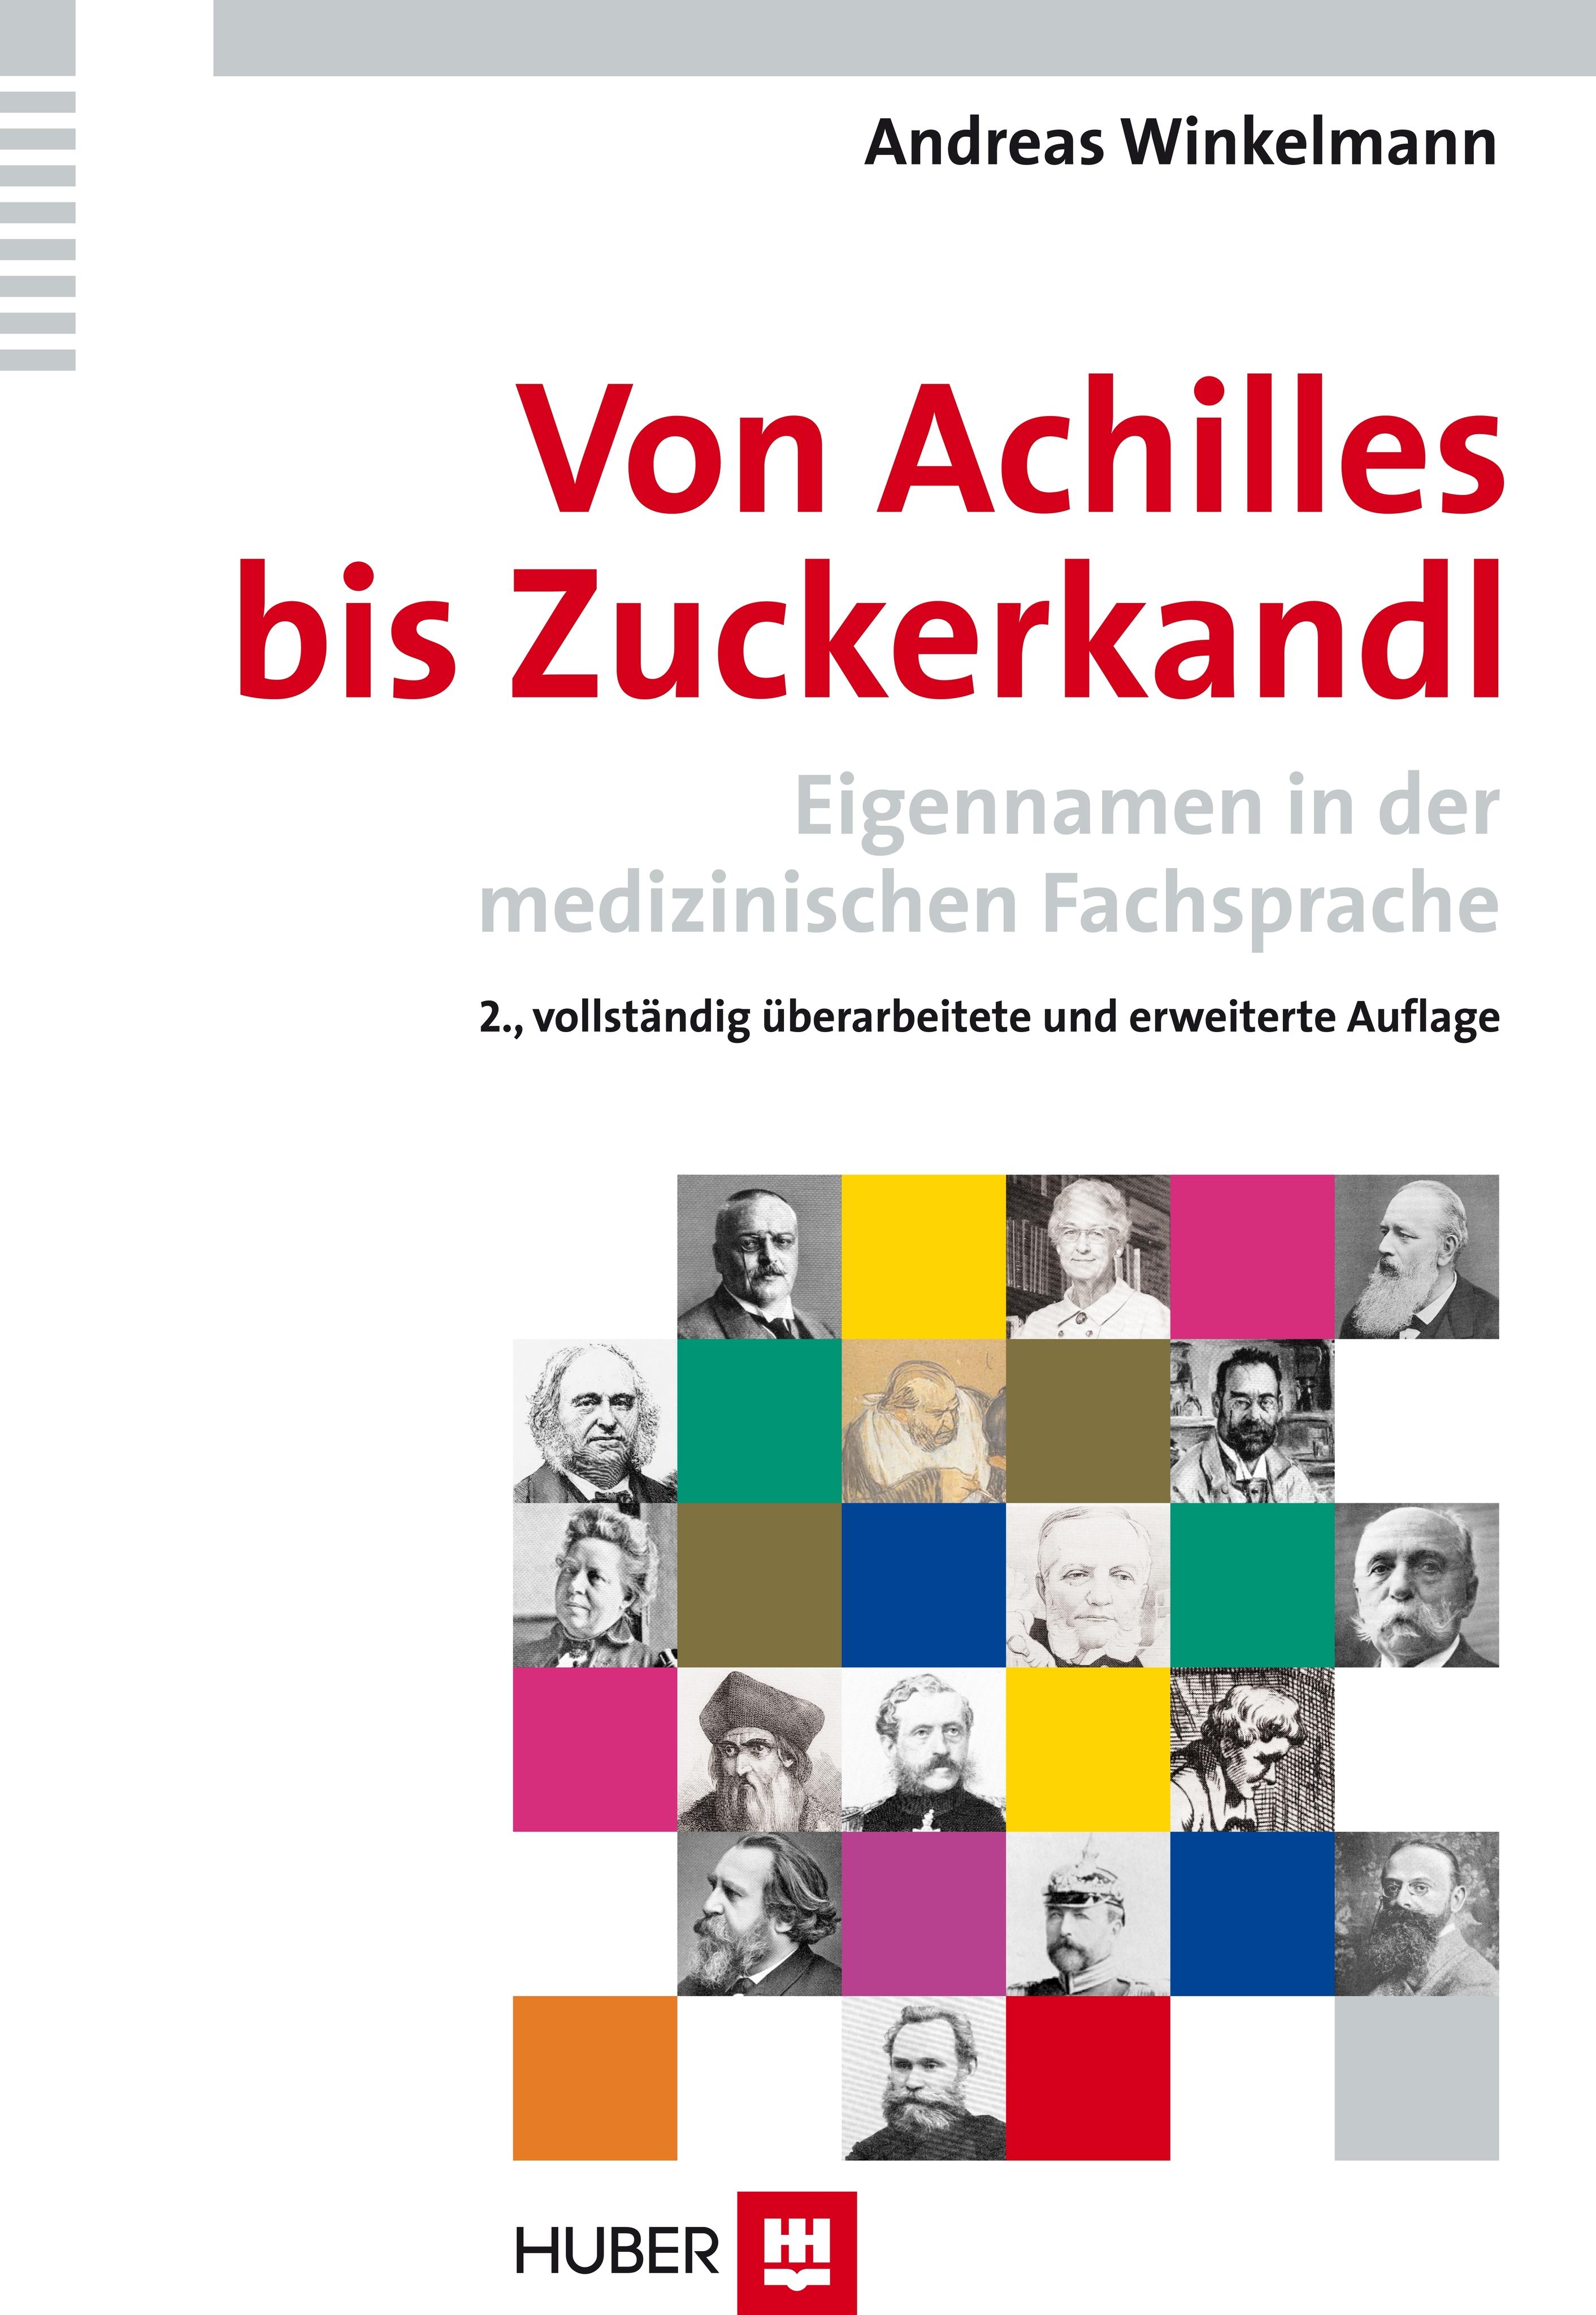 Neu Von Achilles Bis Zuckerkandl Andreas Winkelmann 844701 Husten Heilen Und Auswurf Erleichtern Und Heiserkeit Lindern Studium & Wissen